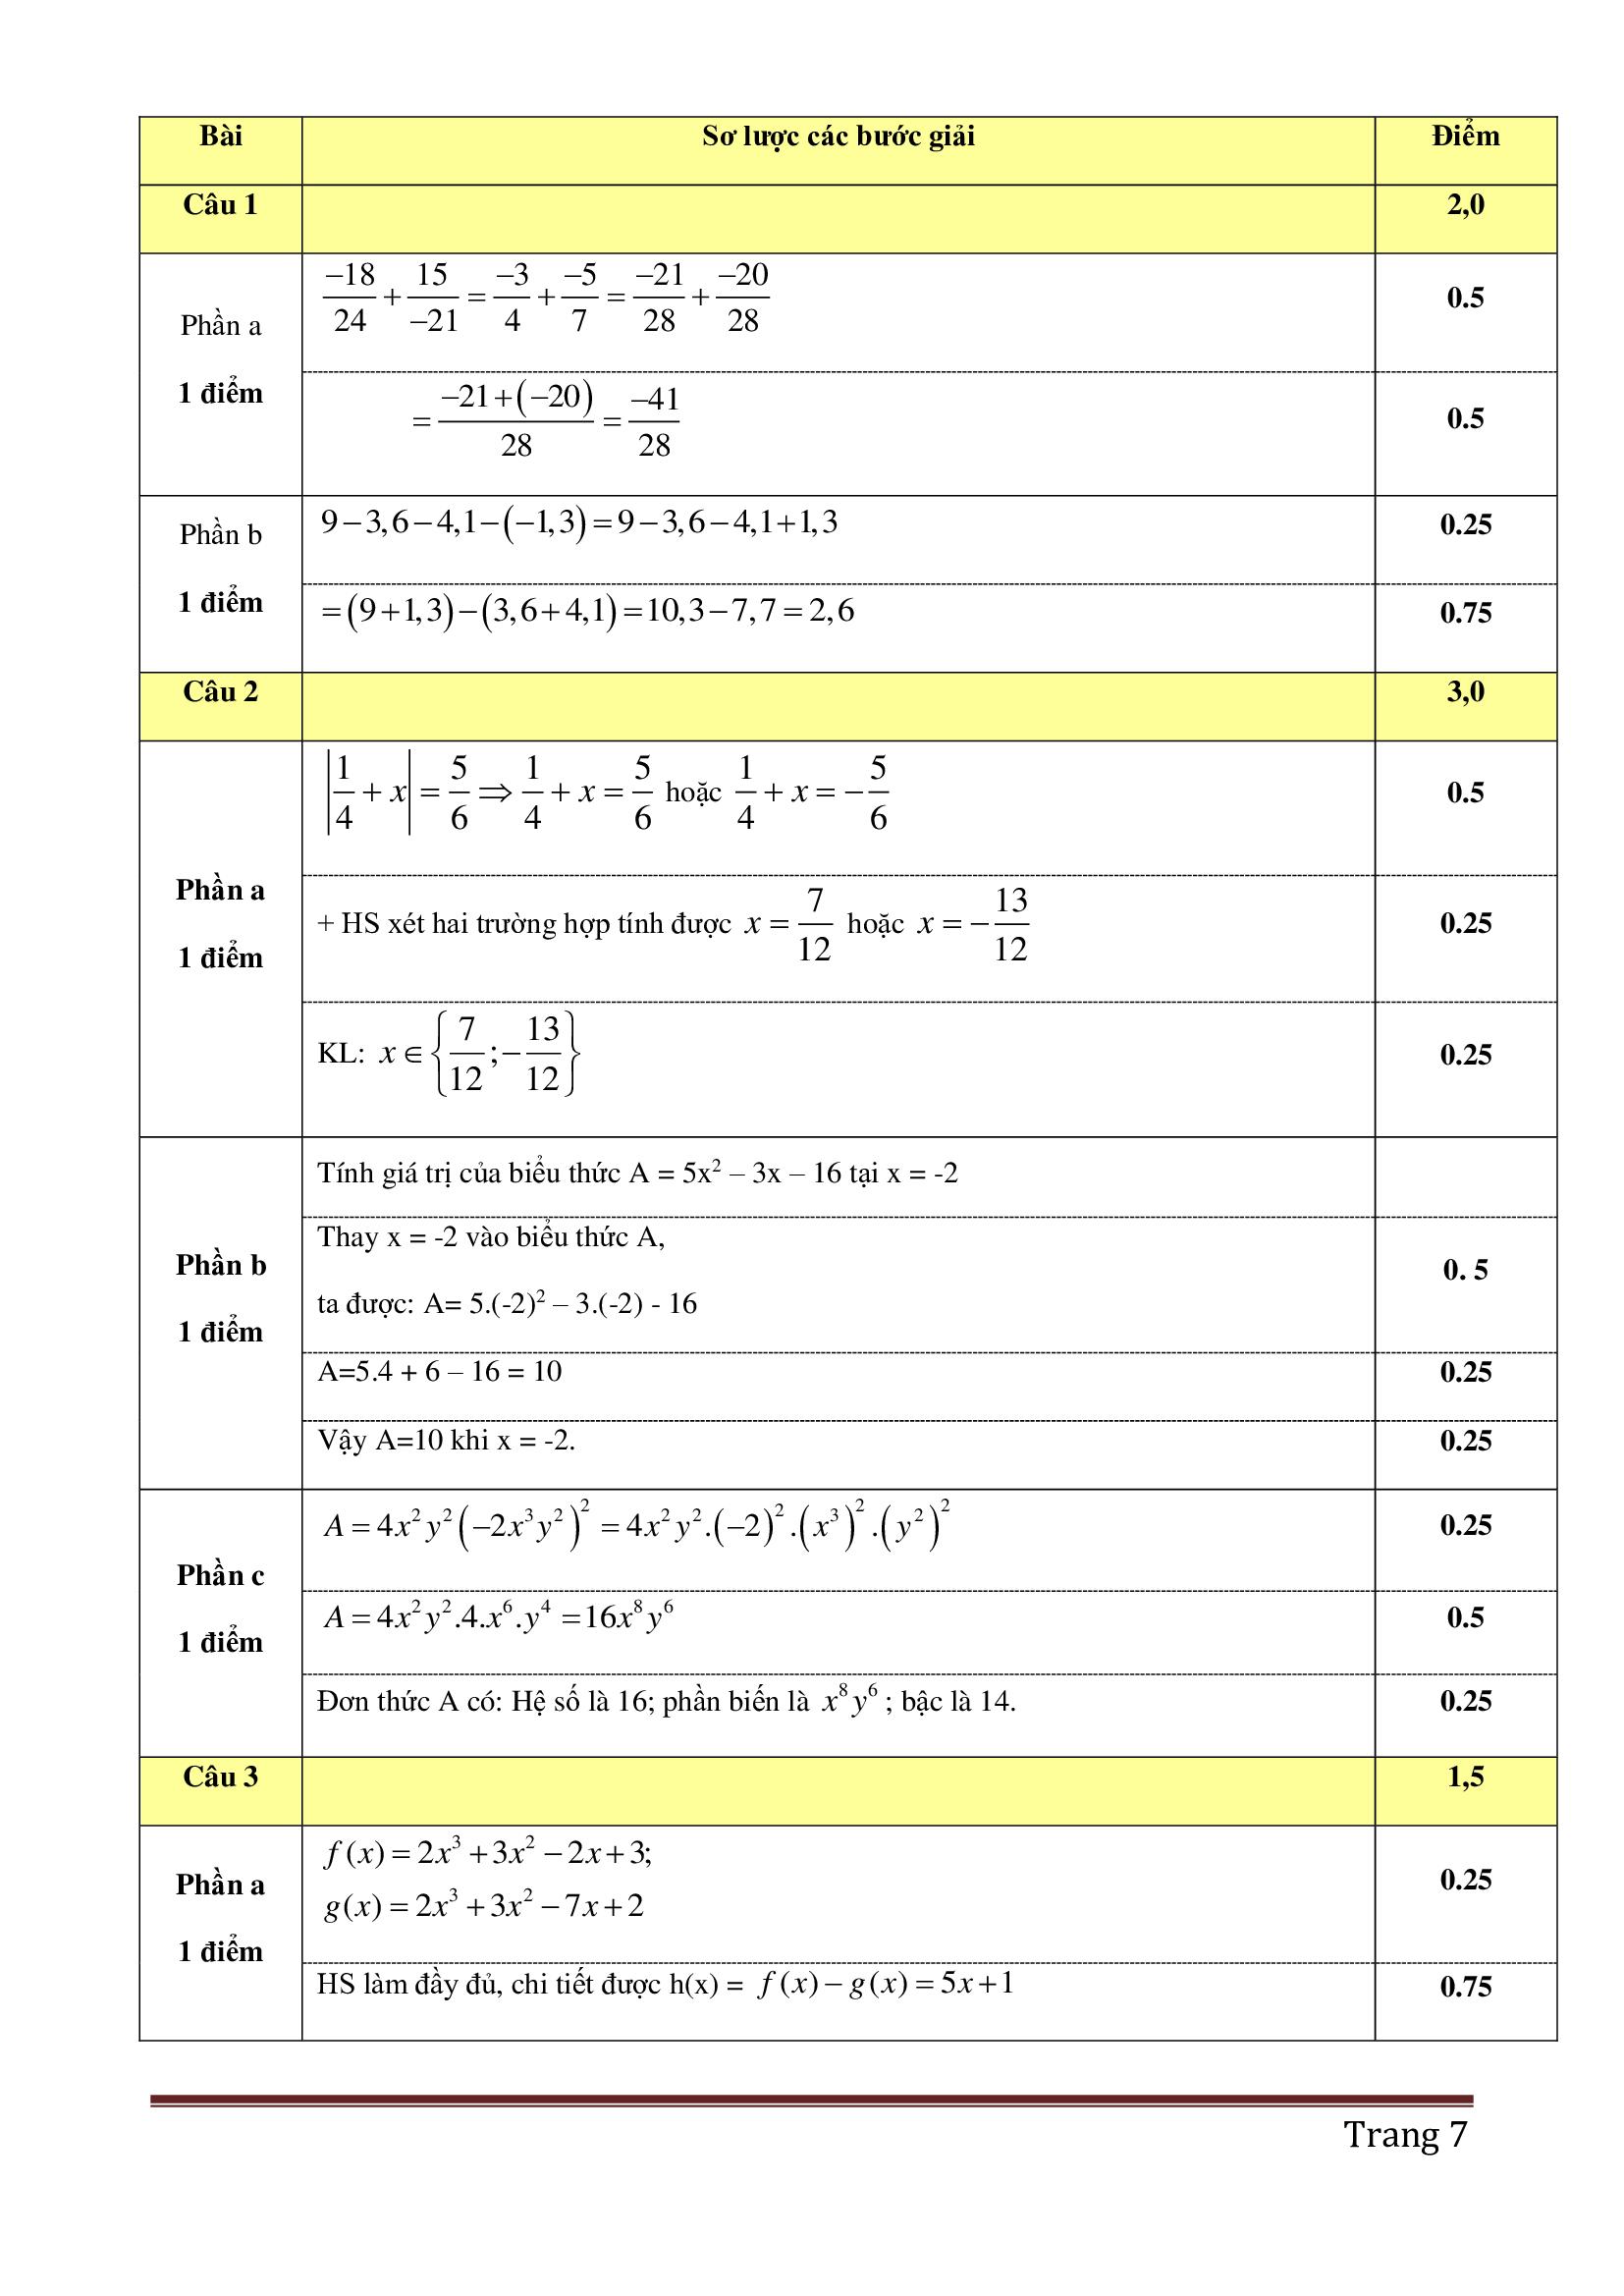 Đề thi hk2 toán 7 có đáp án cực dễ và hay